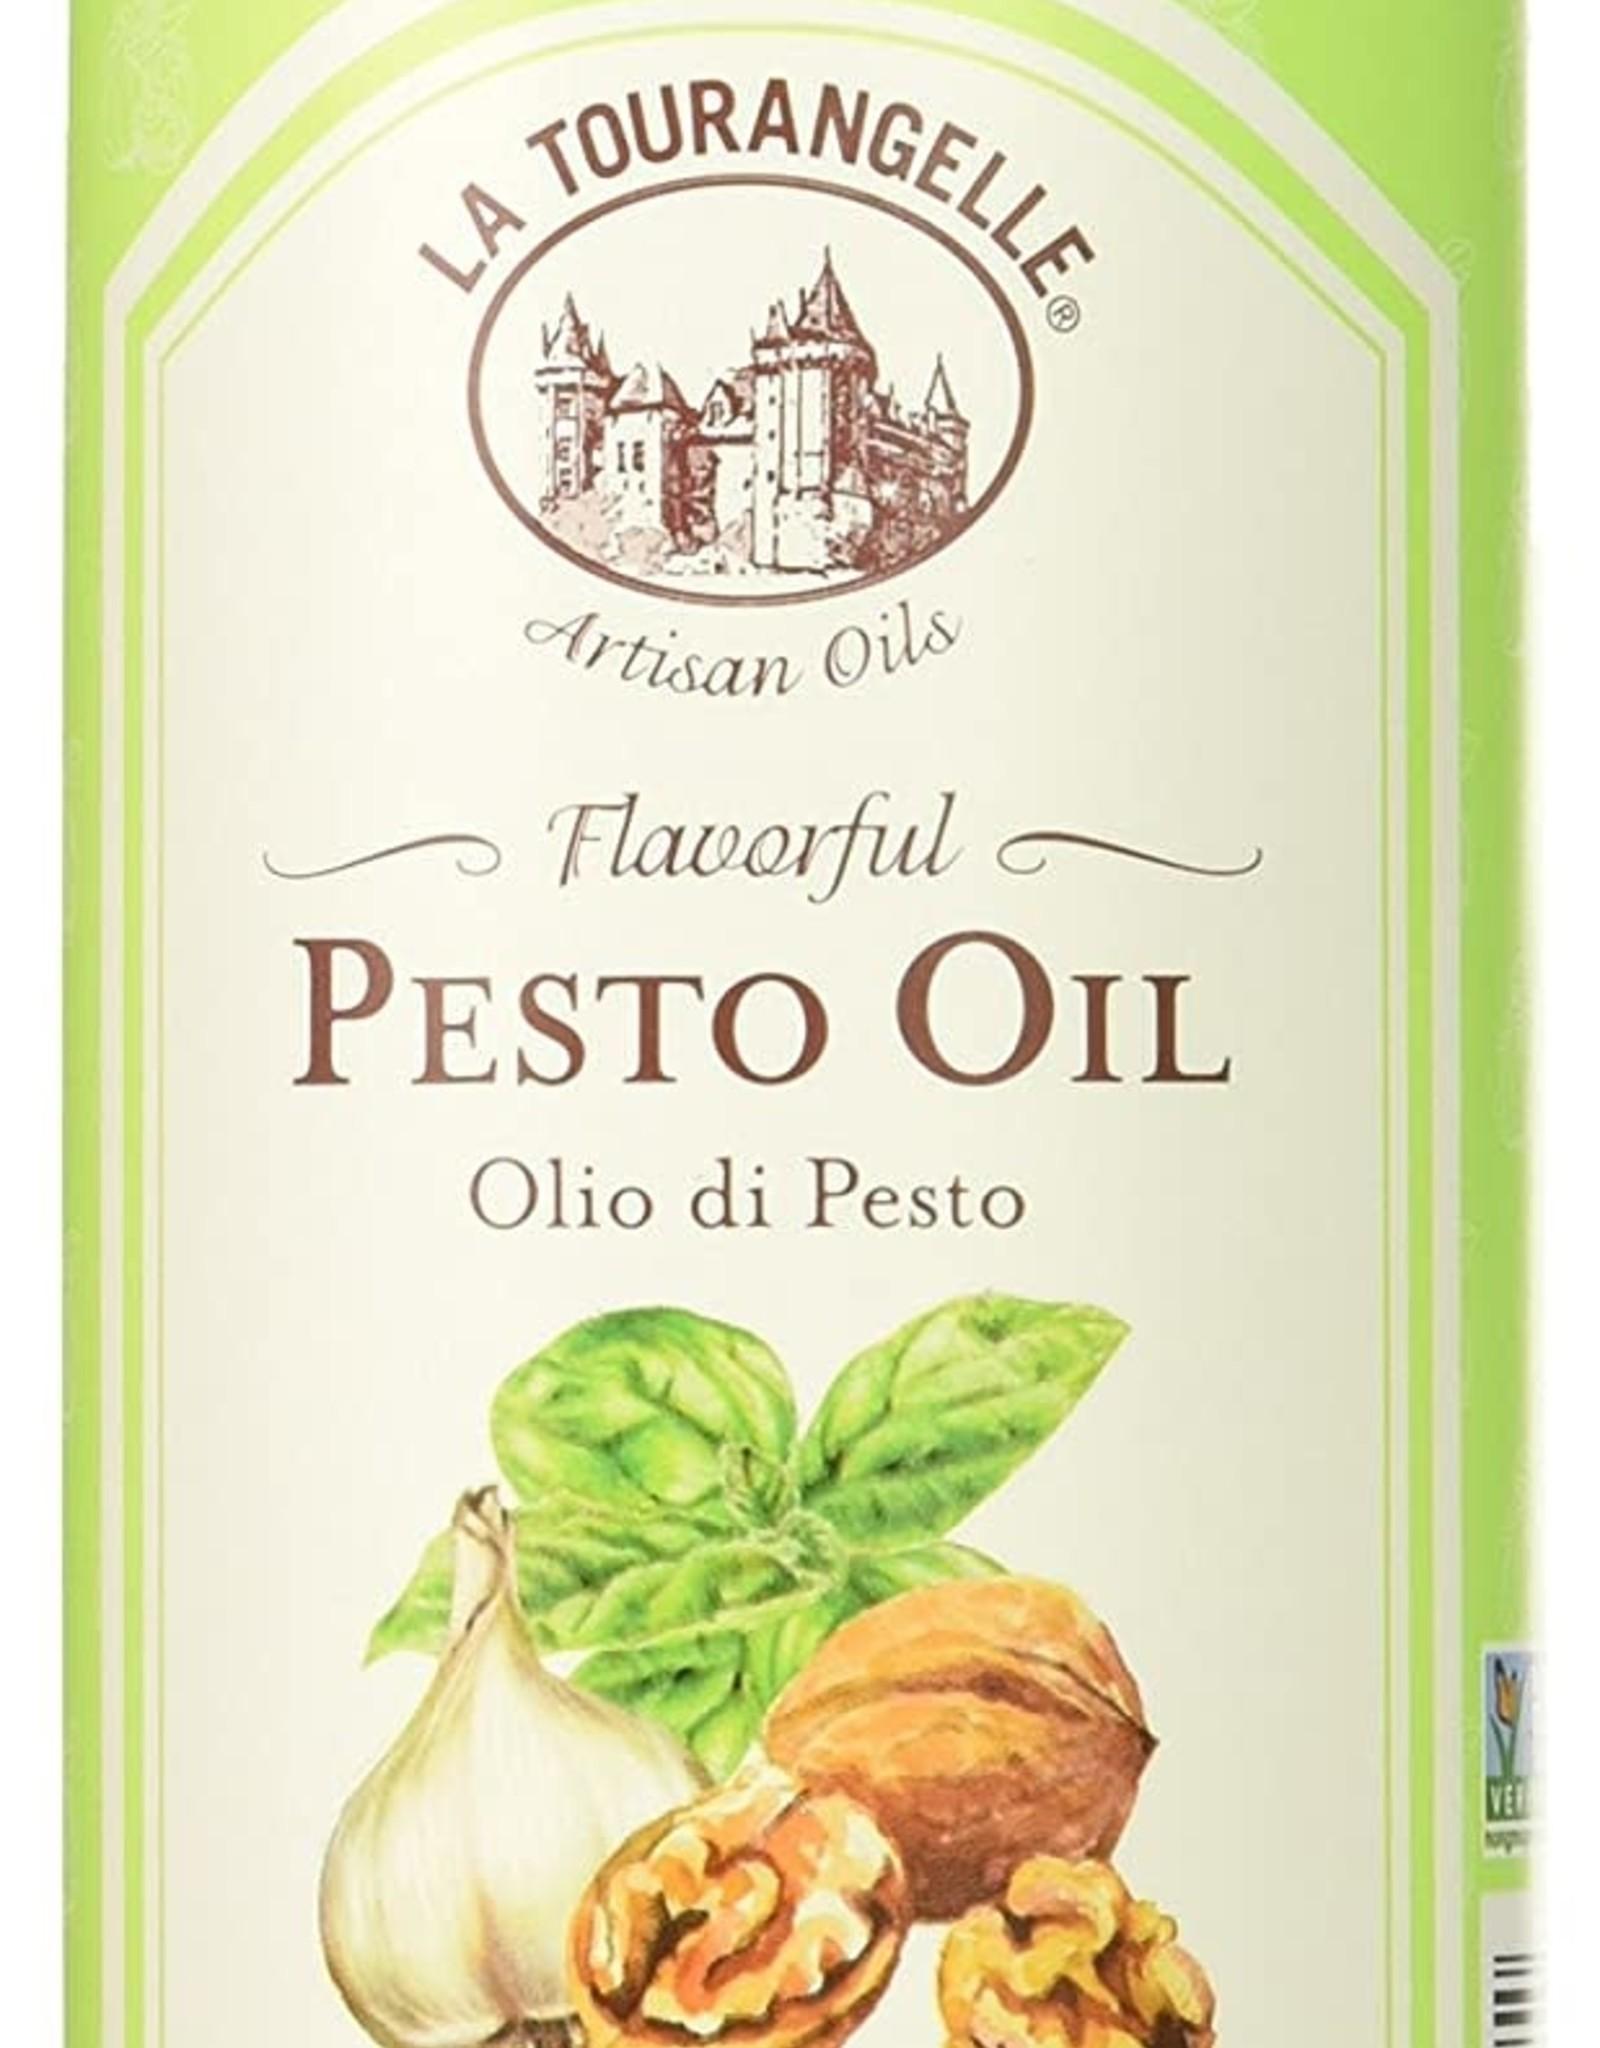 La Tourangelle La Tourangelle - French Infused, Pesto Oil (250ml)